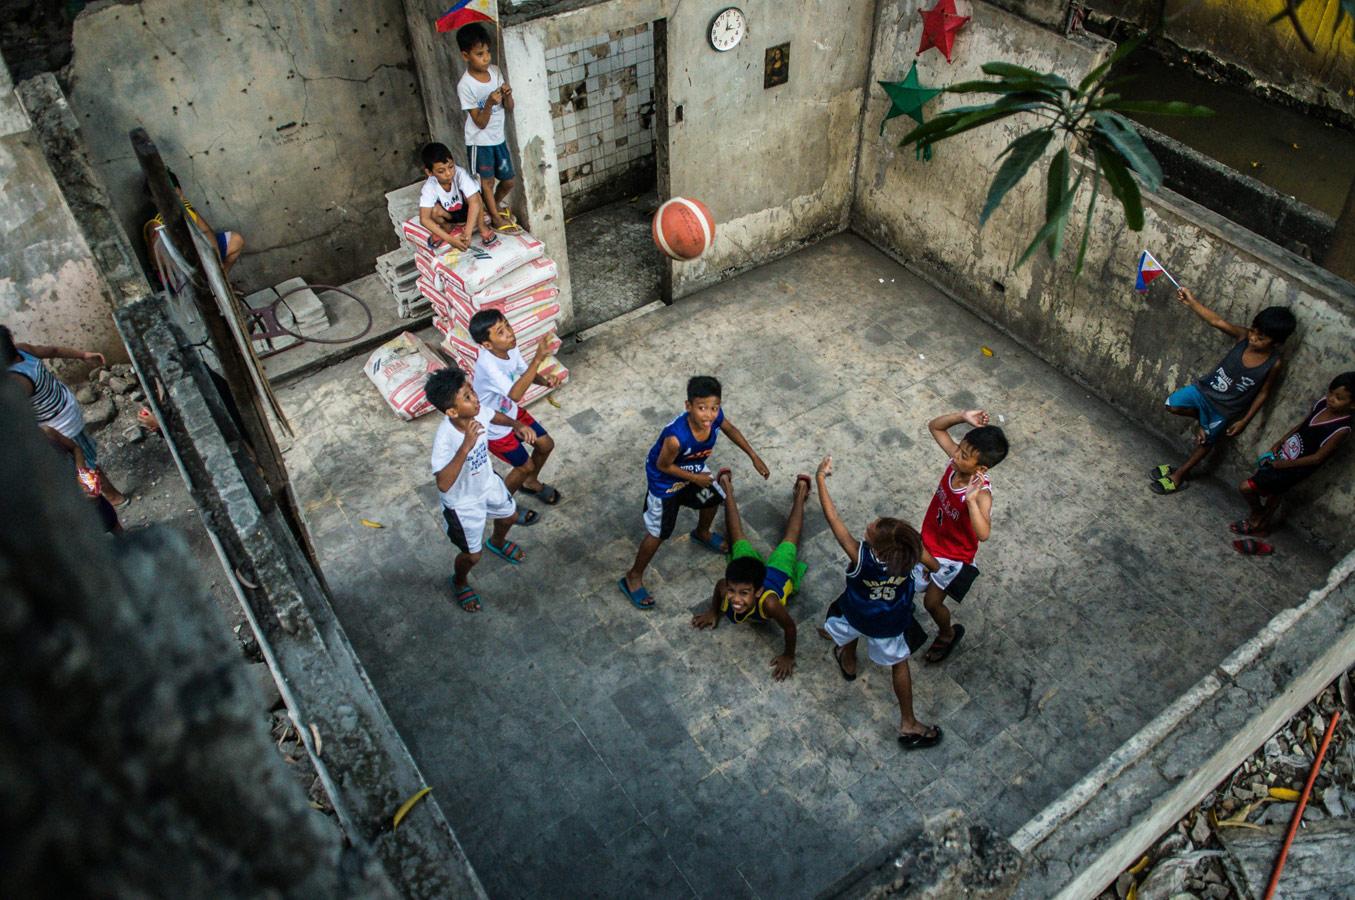 © Noemi, FIBA Photo Contest